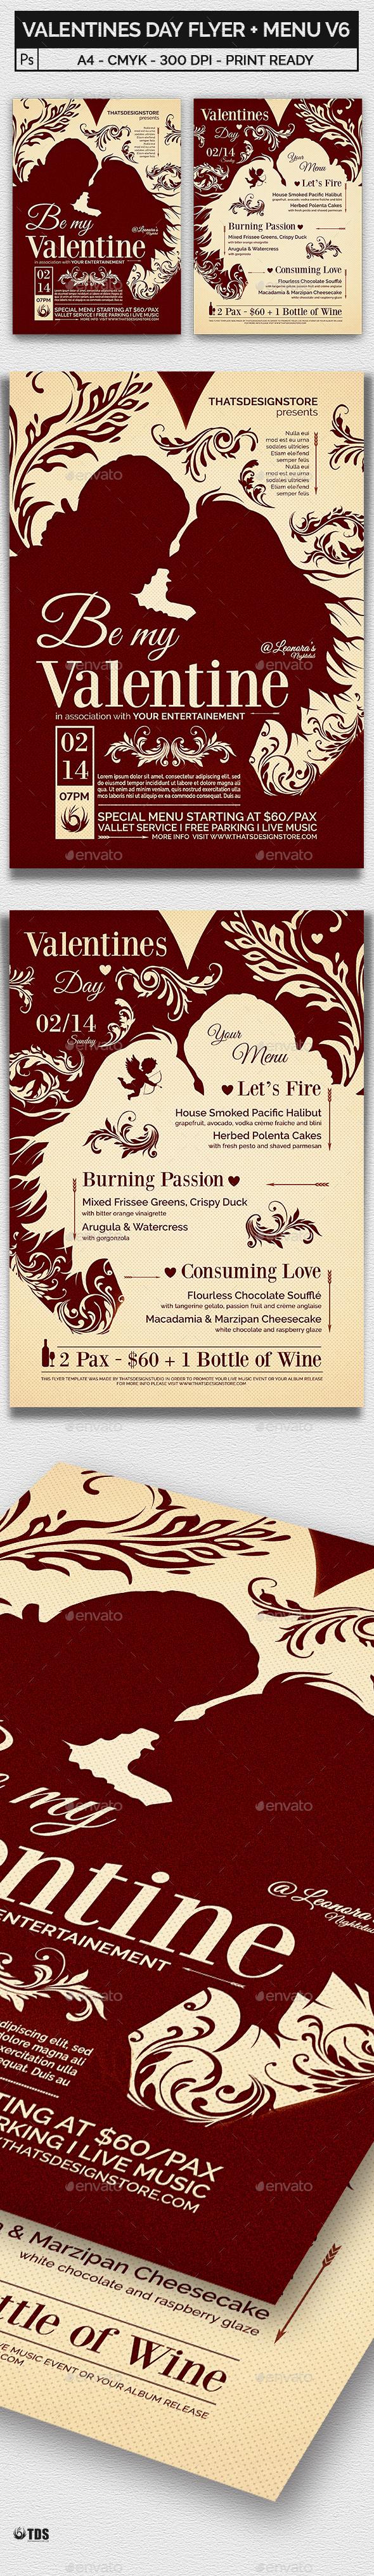 Valentines Day Flyer + Menu Bundle V6 - Holidays Events